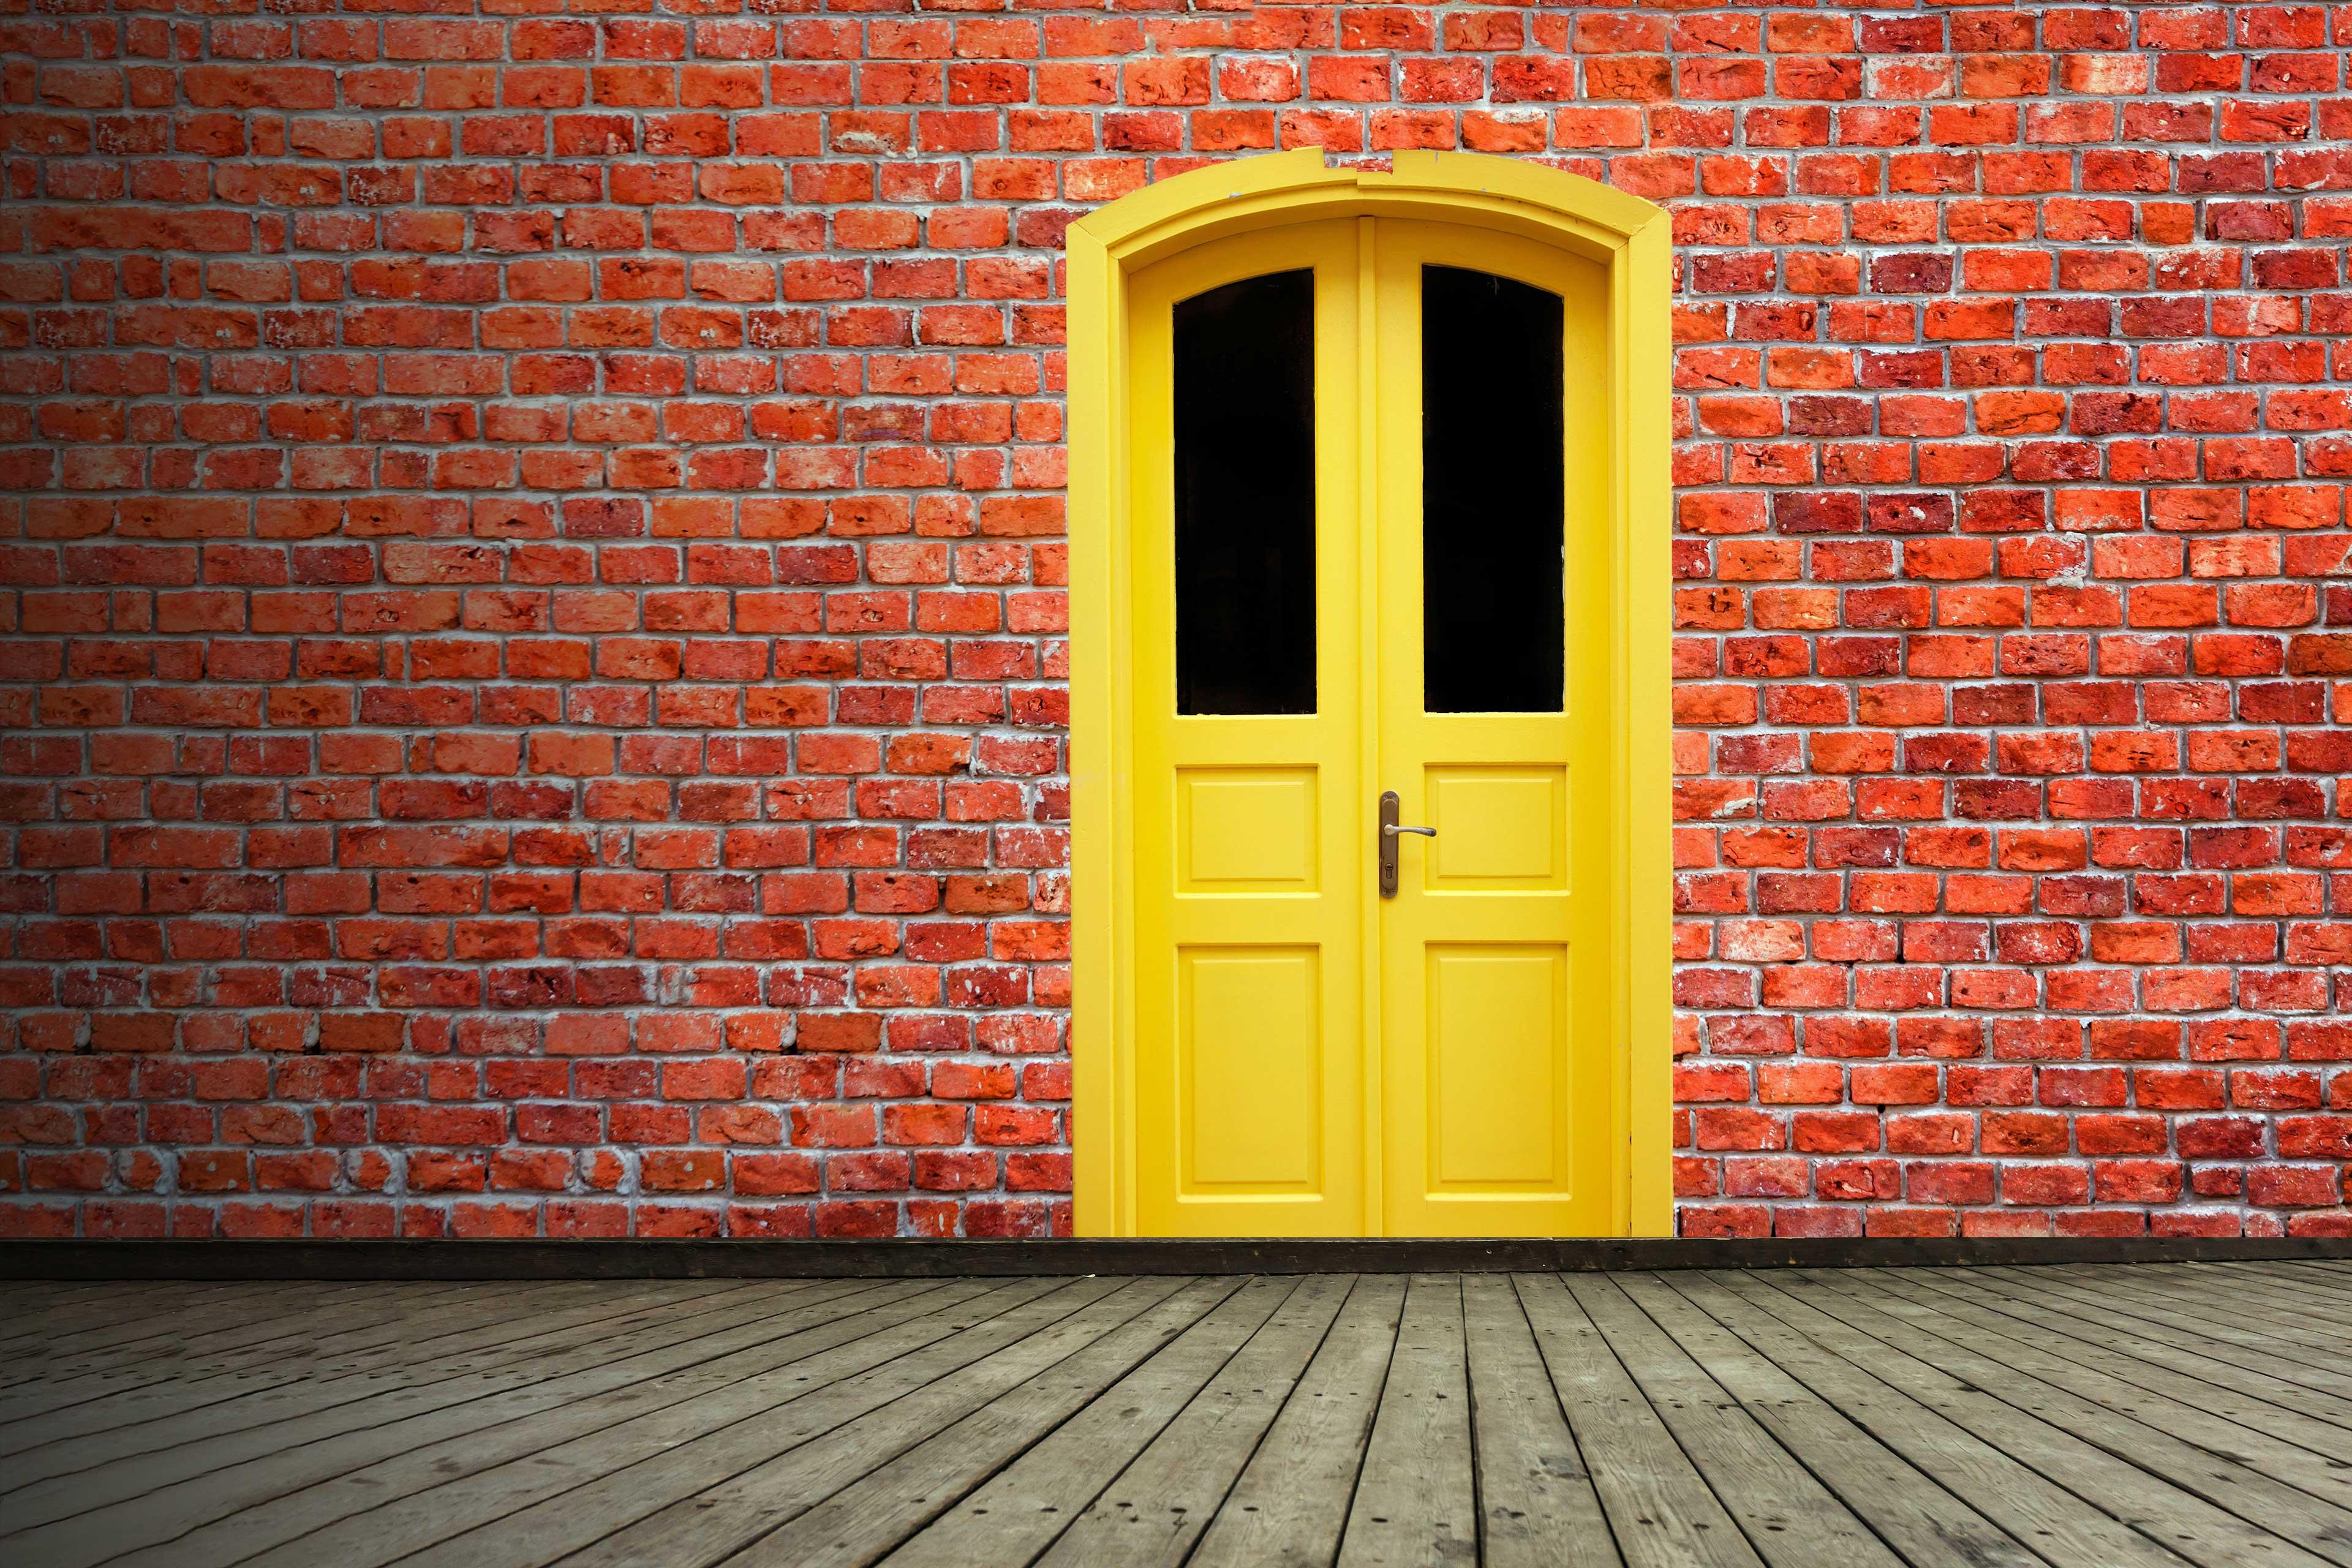 EY - Yellow door